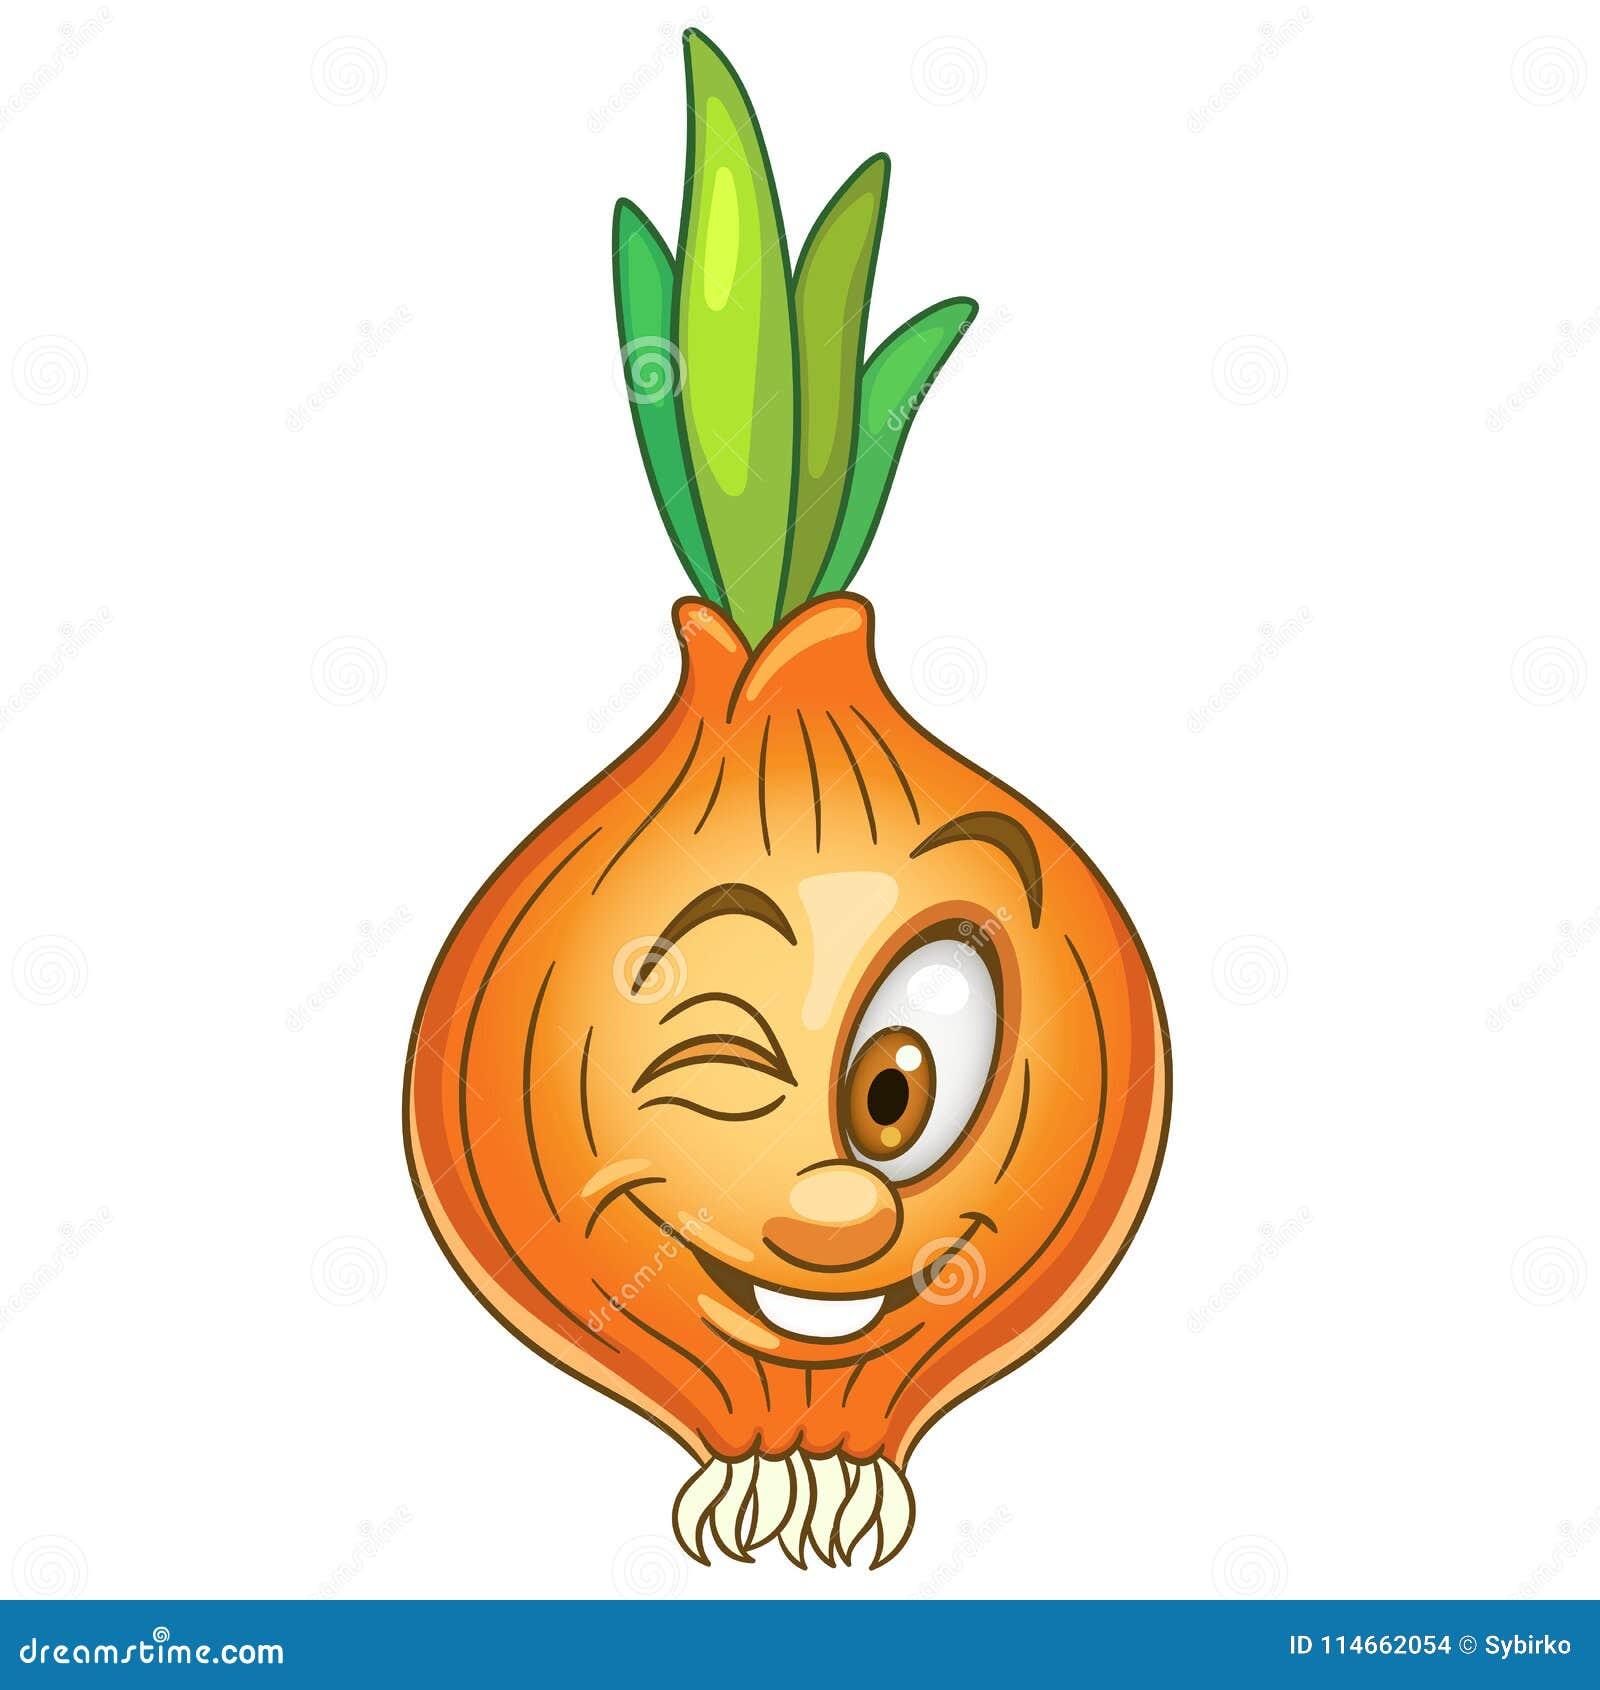 Cartoon Onion character